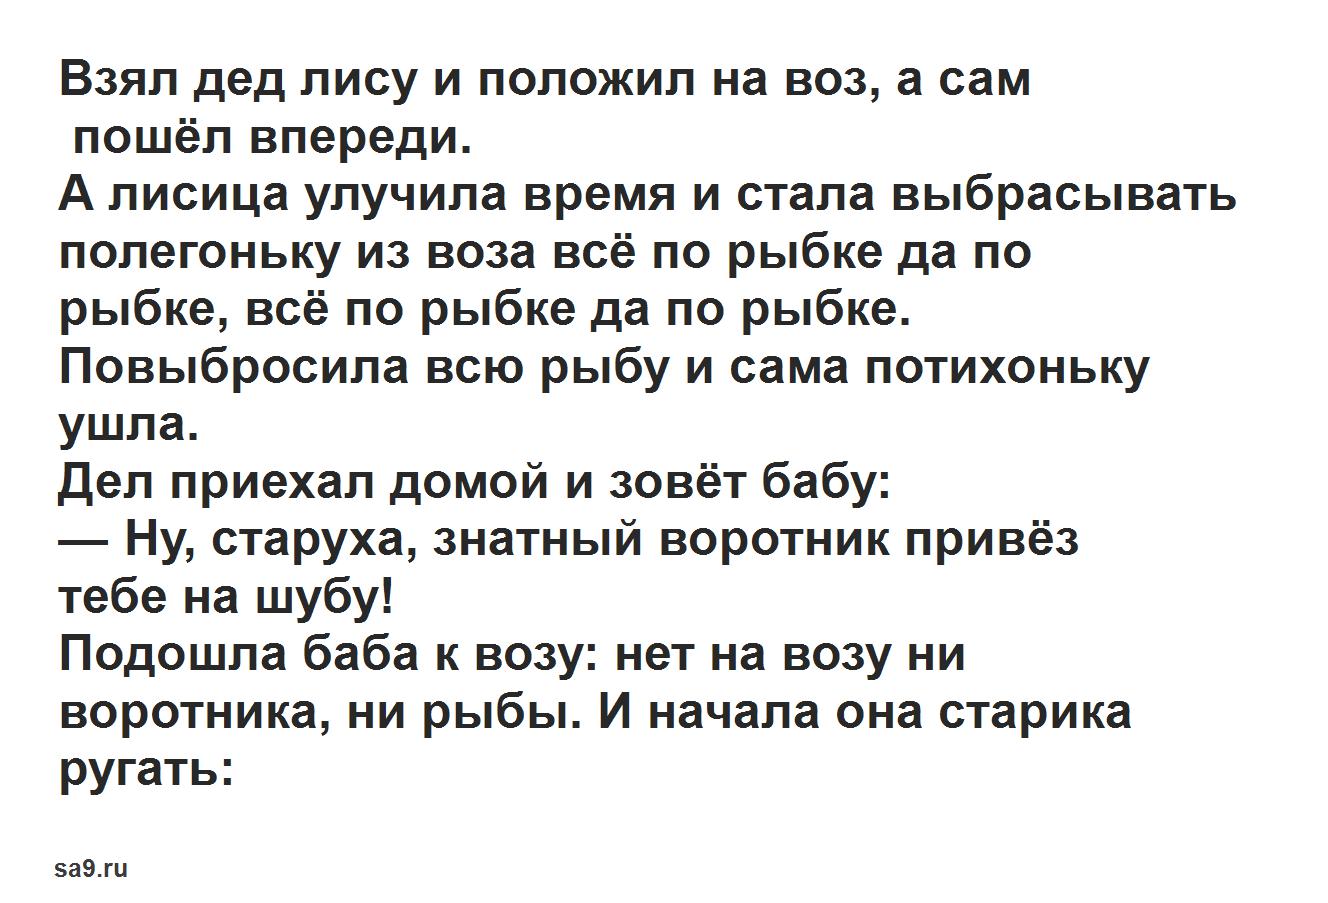 Русская народная сказка - Лисичка сестричка и серый волк, читать онлайн бесплатно